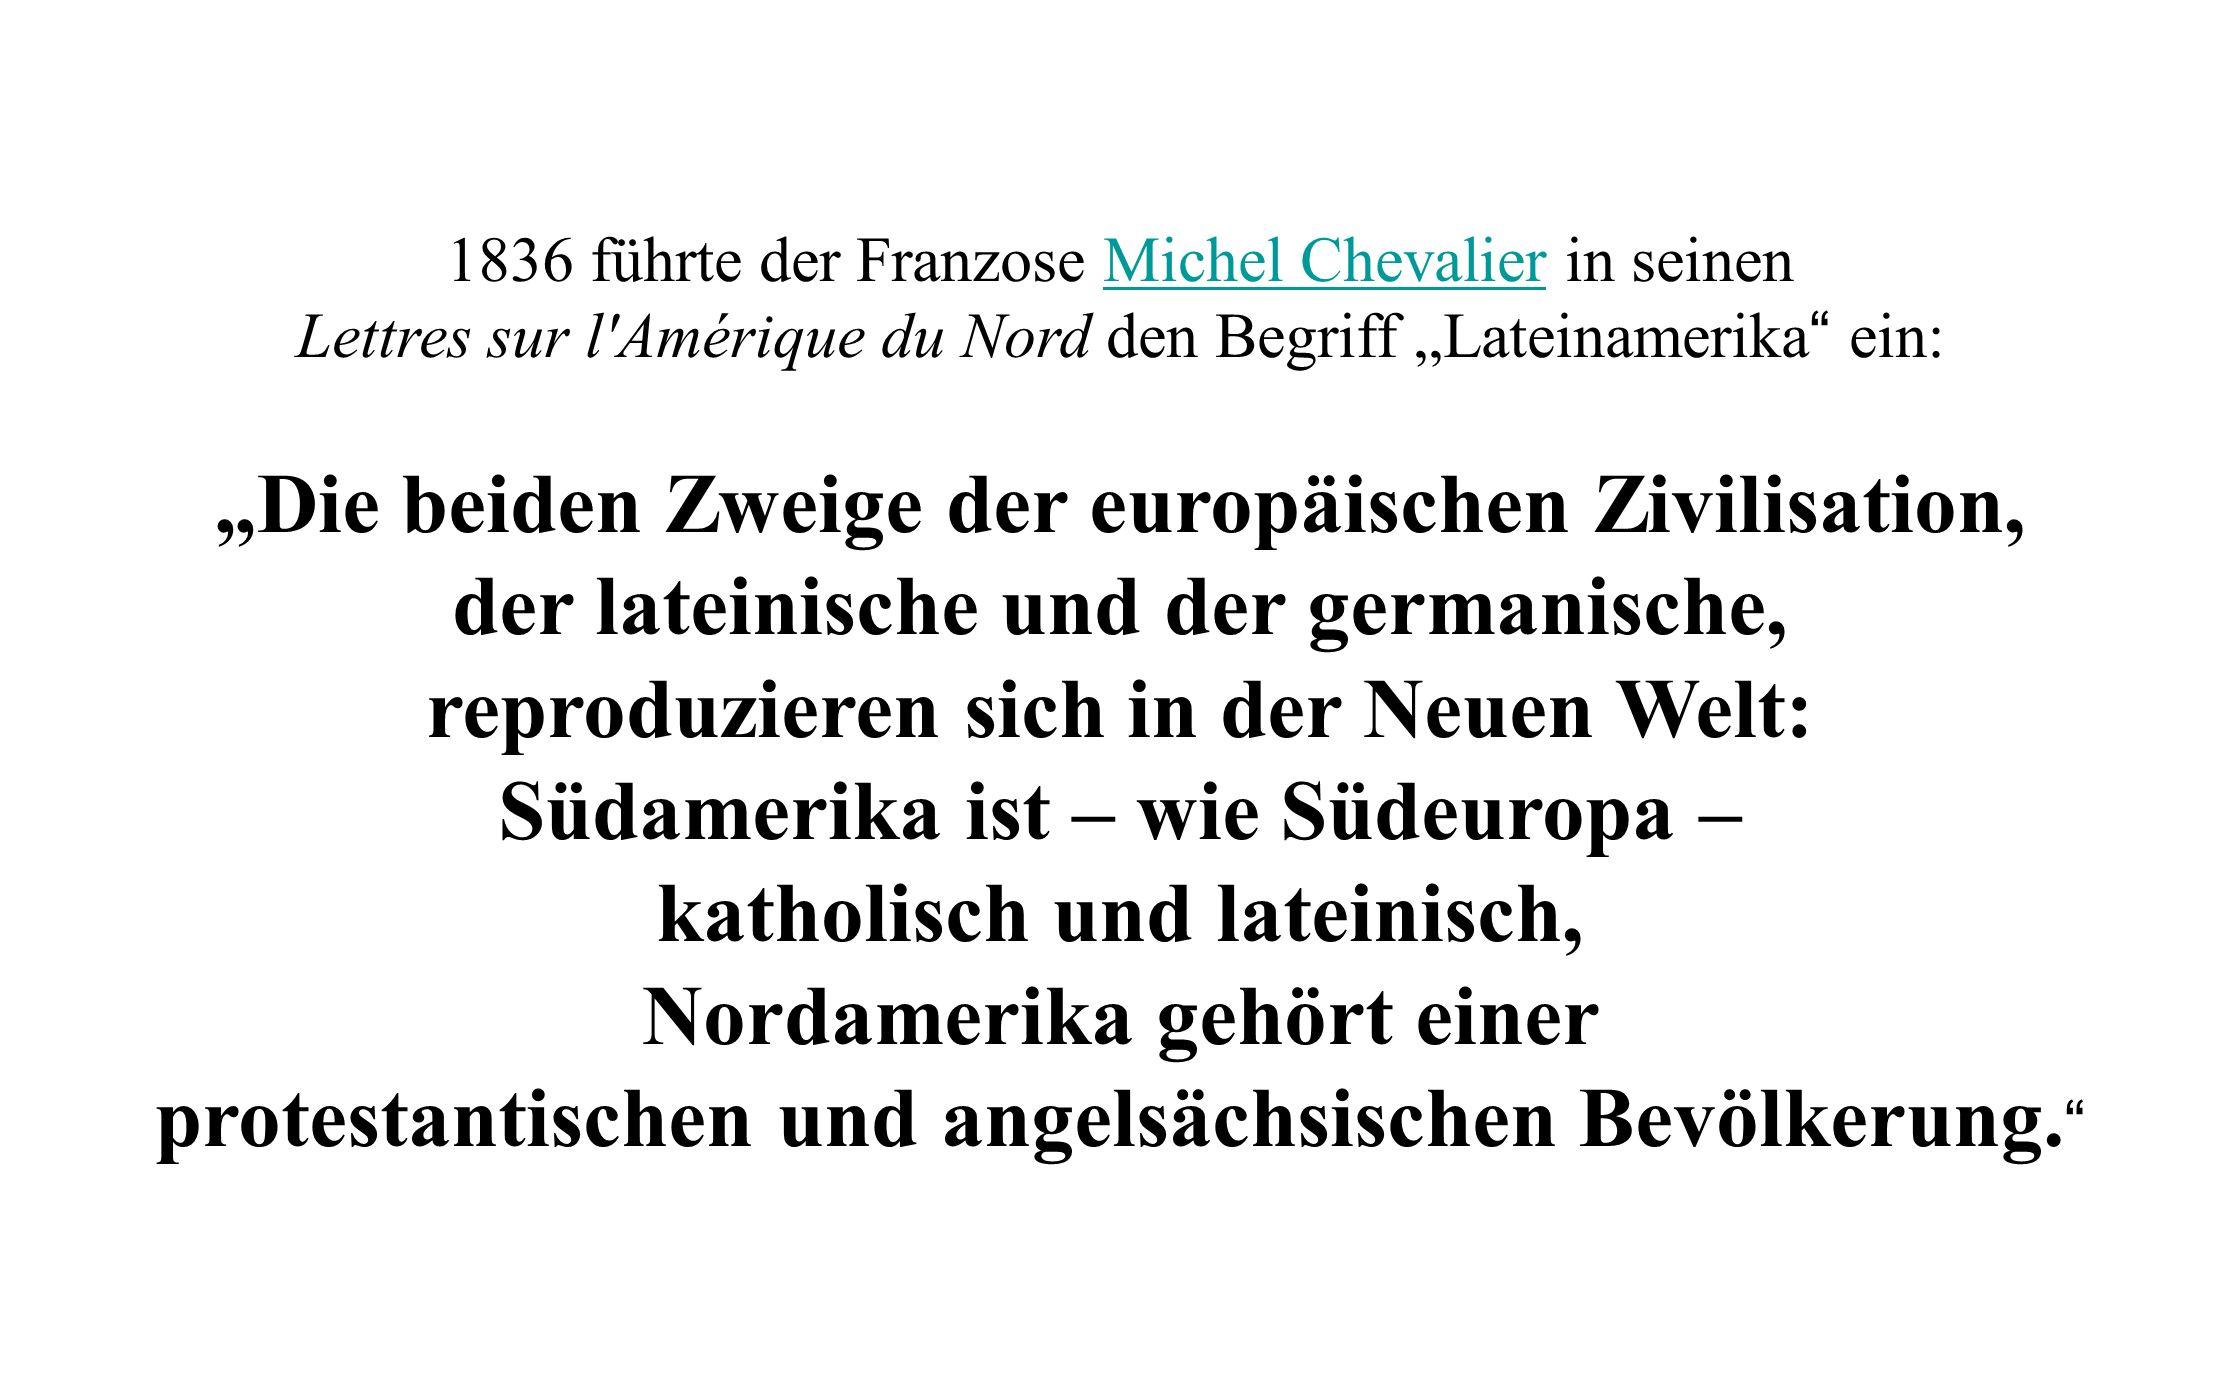 1836 führte der Franzose Michel Chevalier in seinenMichel Chevalier Lettres sur l'Amérique du Nord den Begriff Lateinamerika ein: Die beiden Zweige de